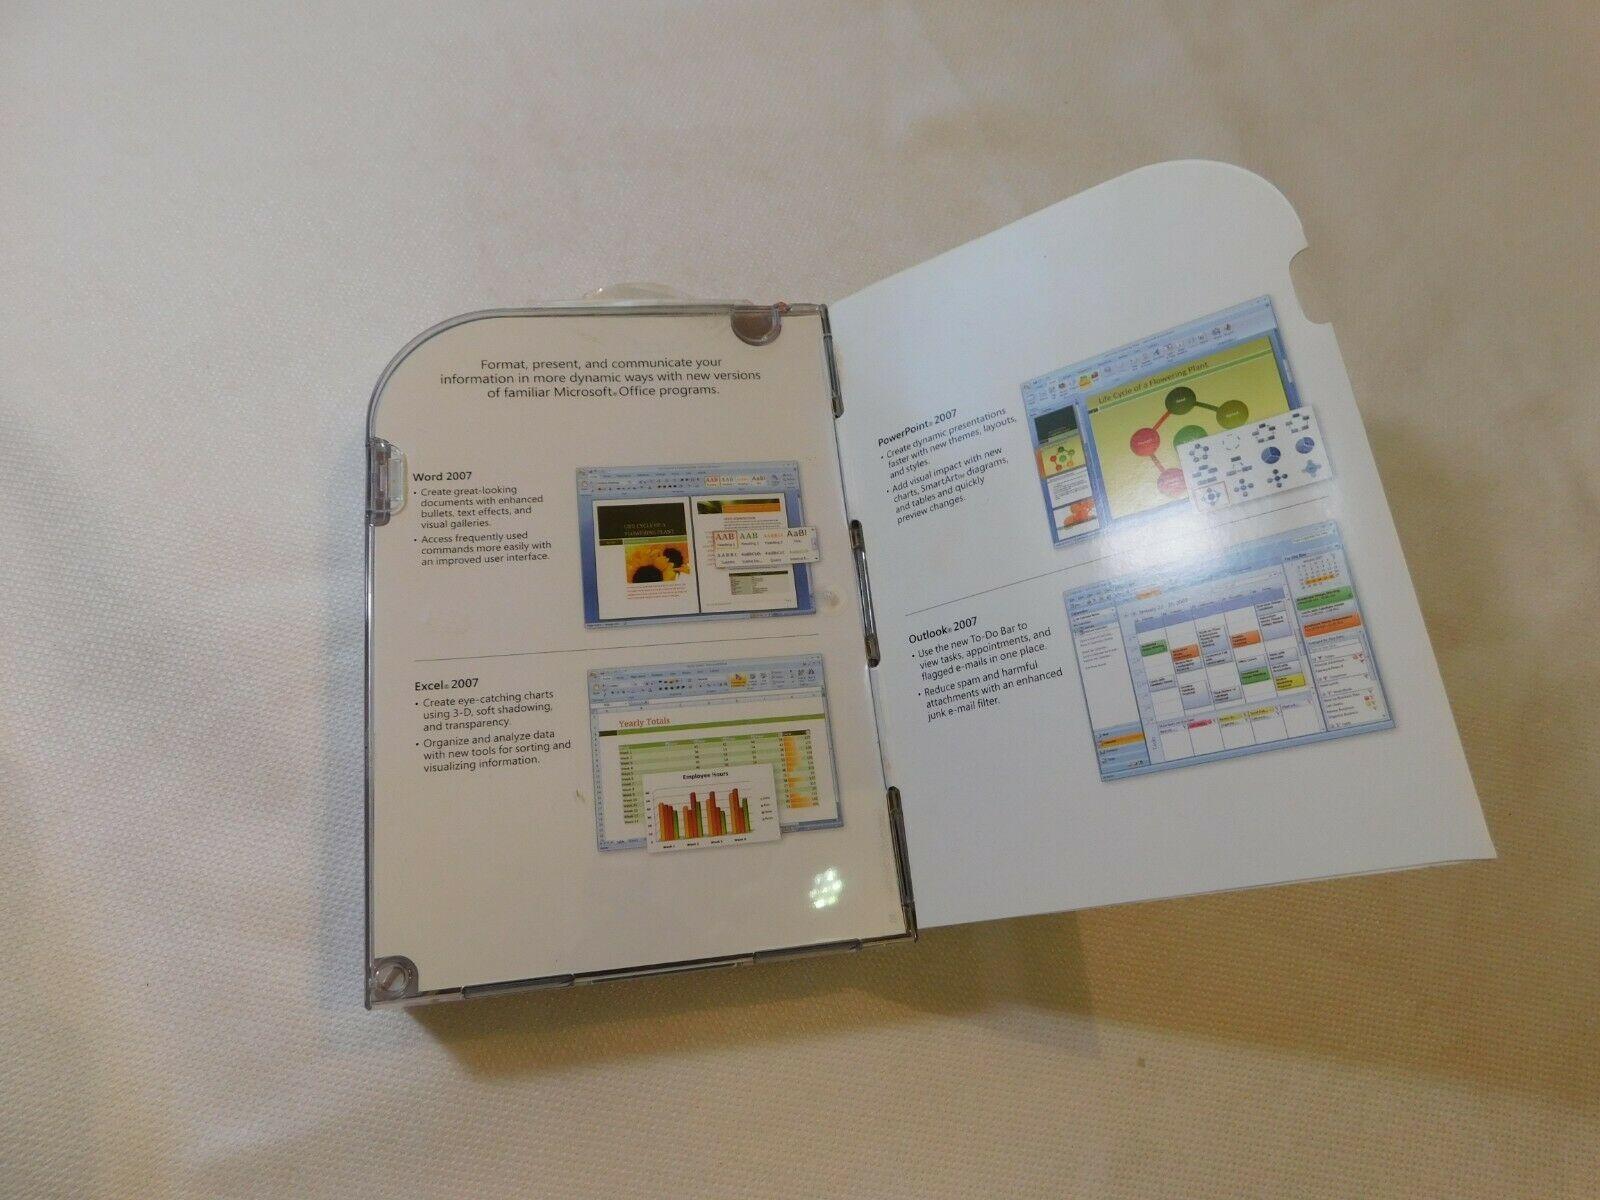 Microsoft Oficina Estándar 2007 PC Actualización 021-07668 Abierto NOS New Word image 8